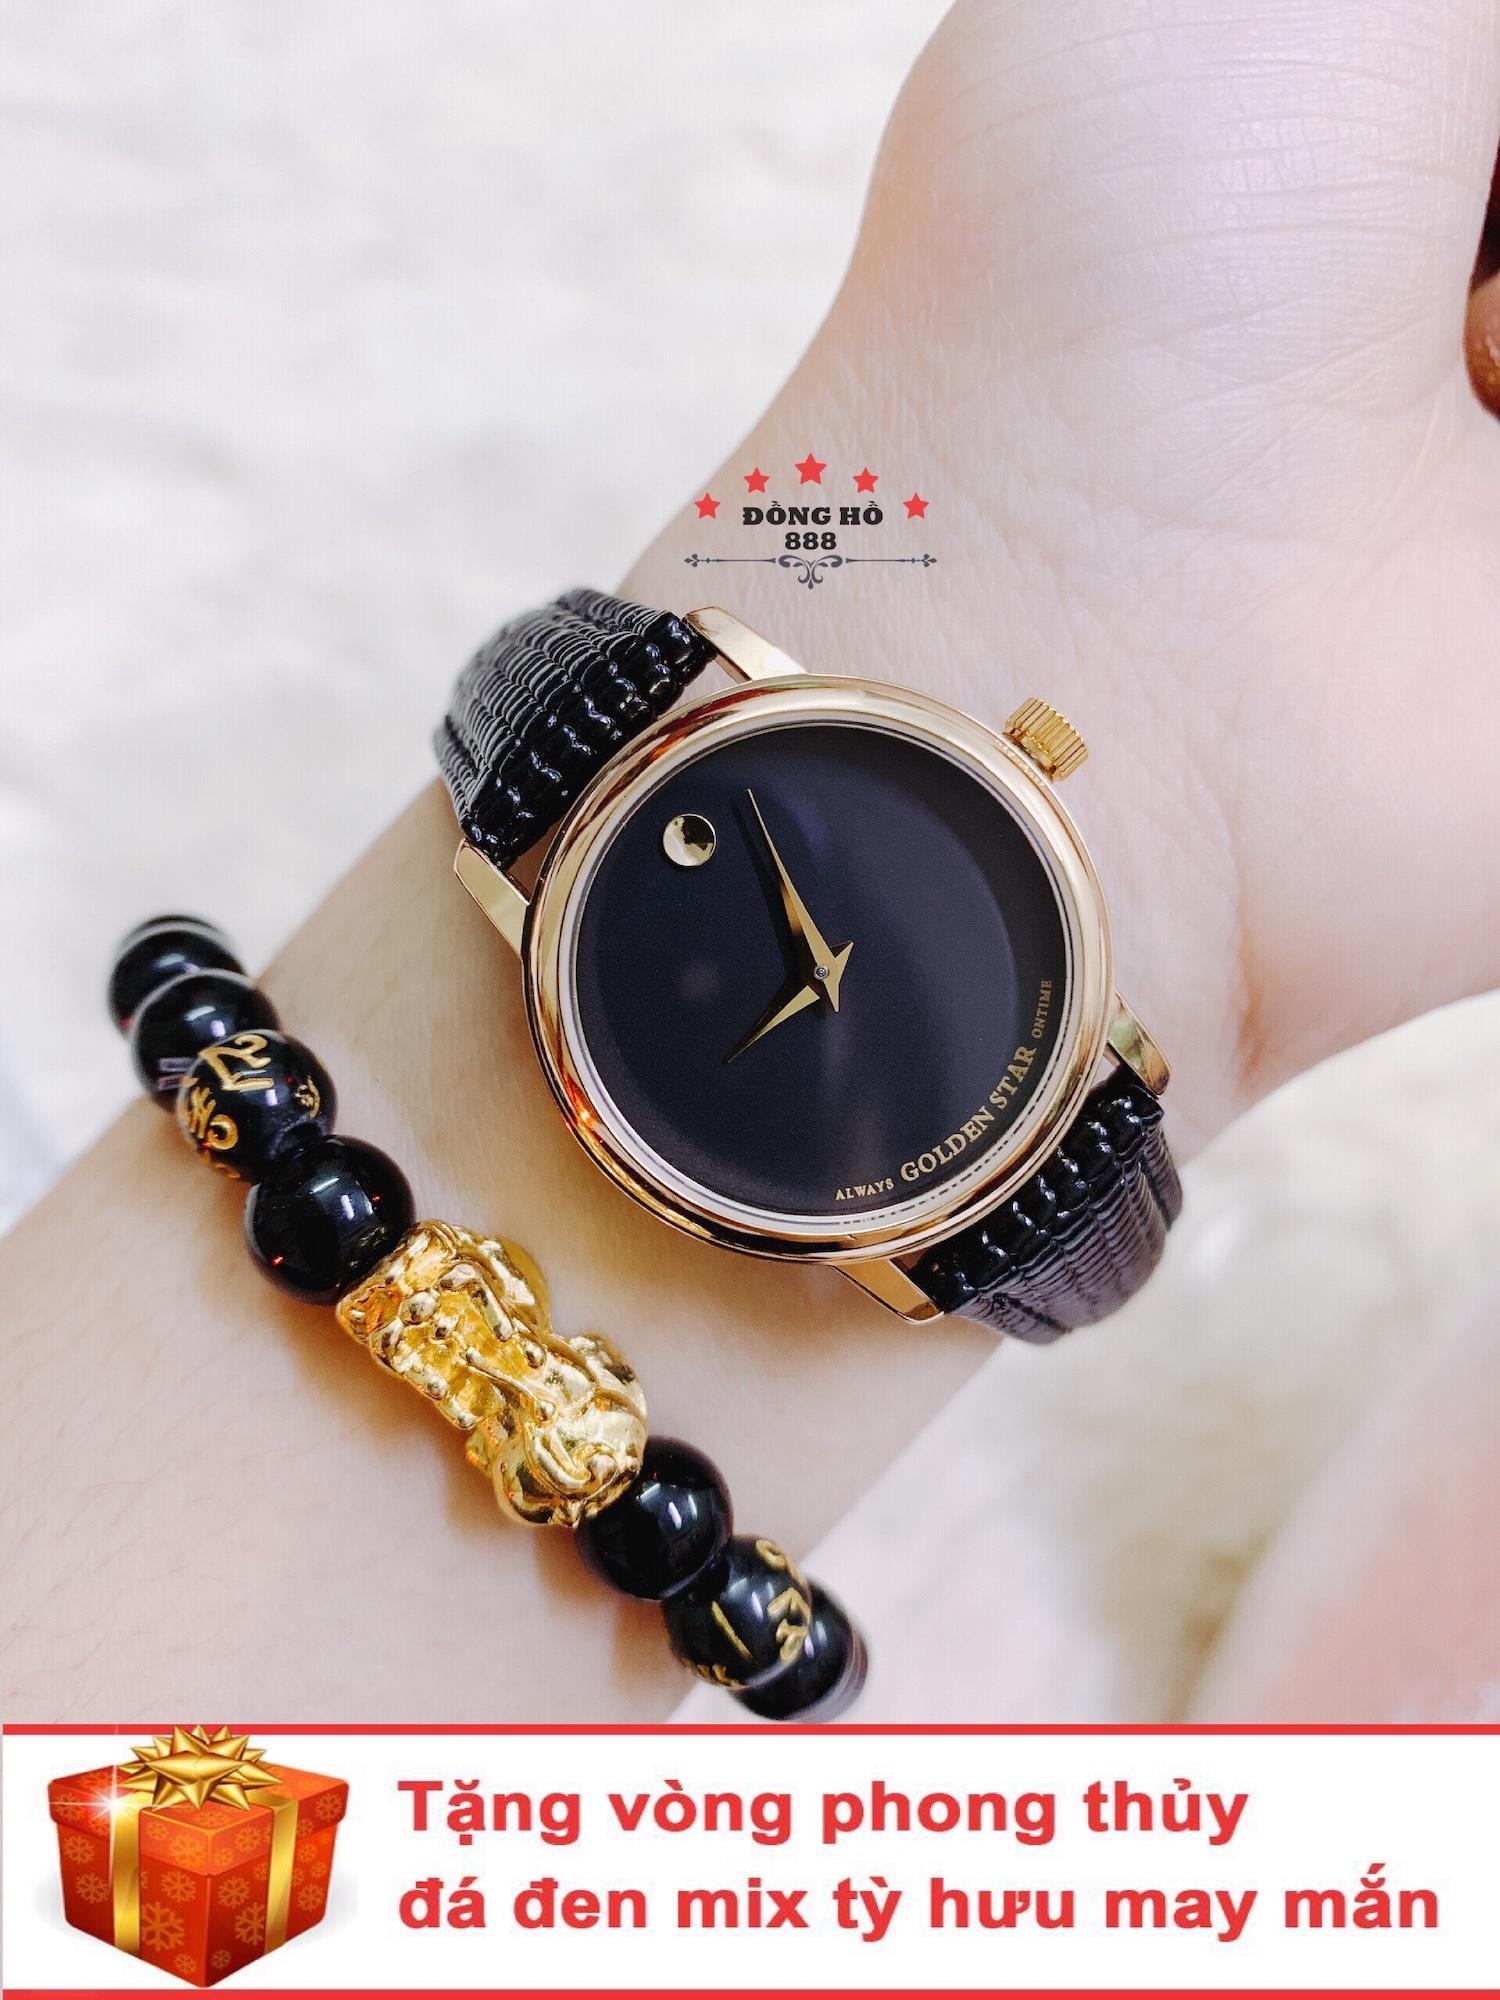 Đồng hồ nữ GOLDEN STAR dây da thời thượng ( dây đen mặt đen ) - TẶNG 1 vòng tỳ hưu phong thuỷ bán chạy